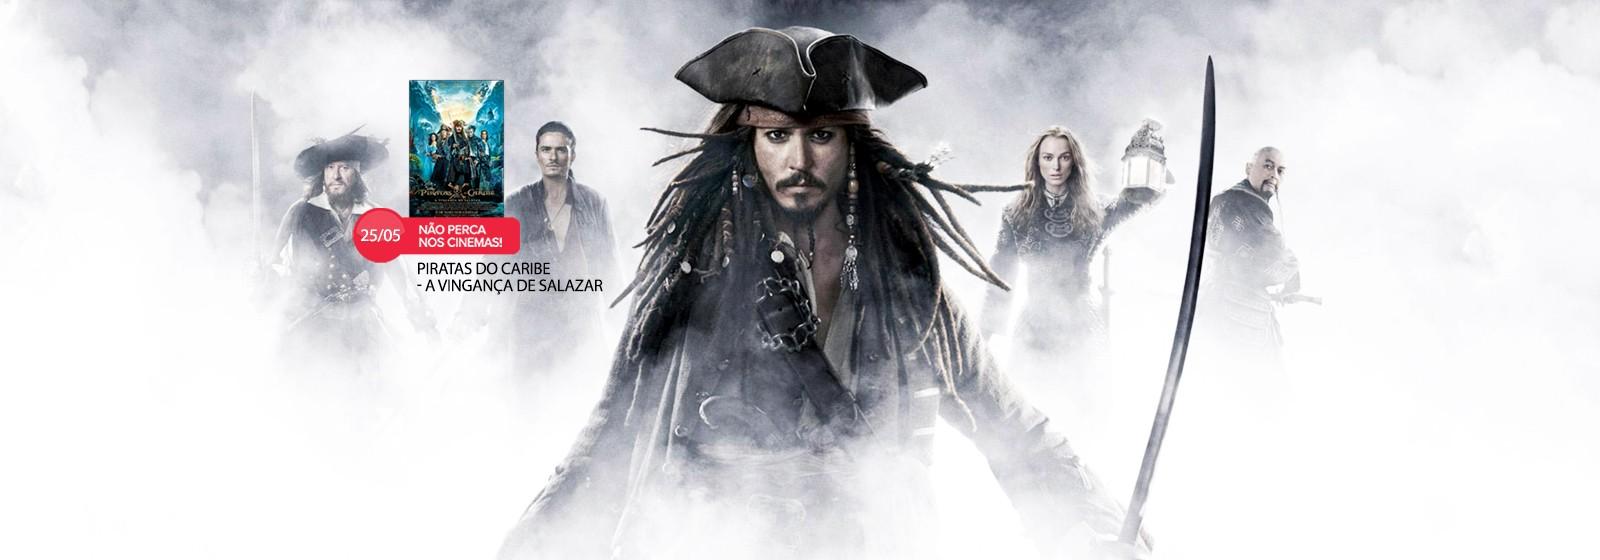 Especial Piratas do Caribe